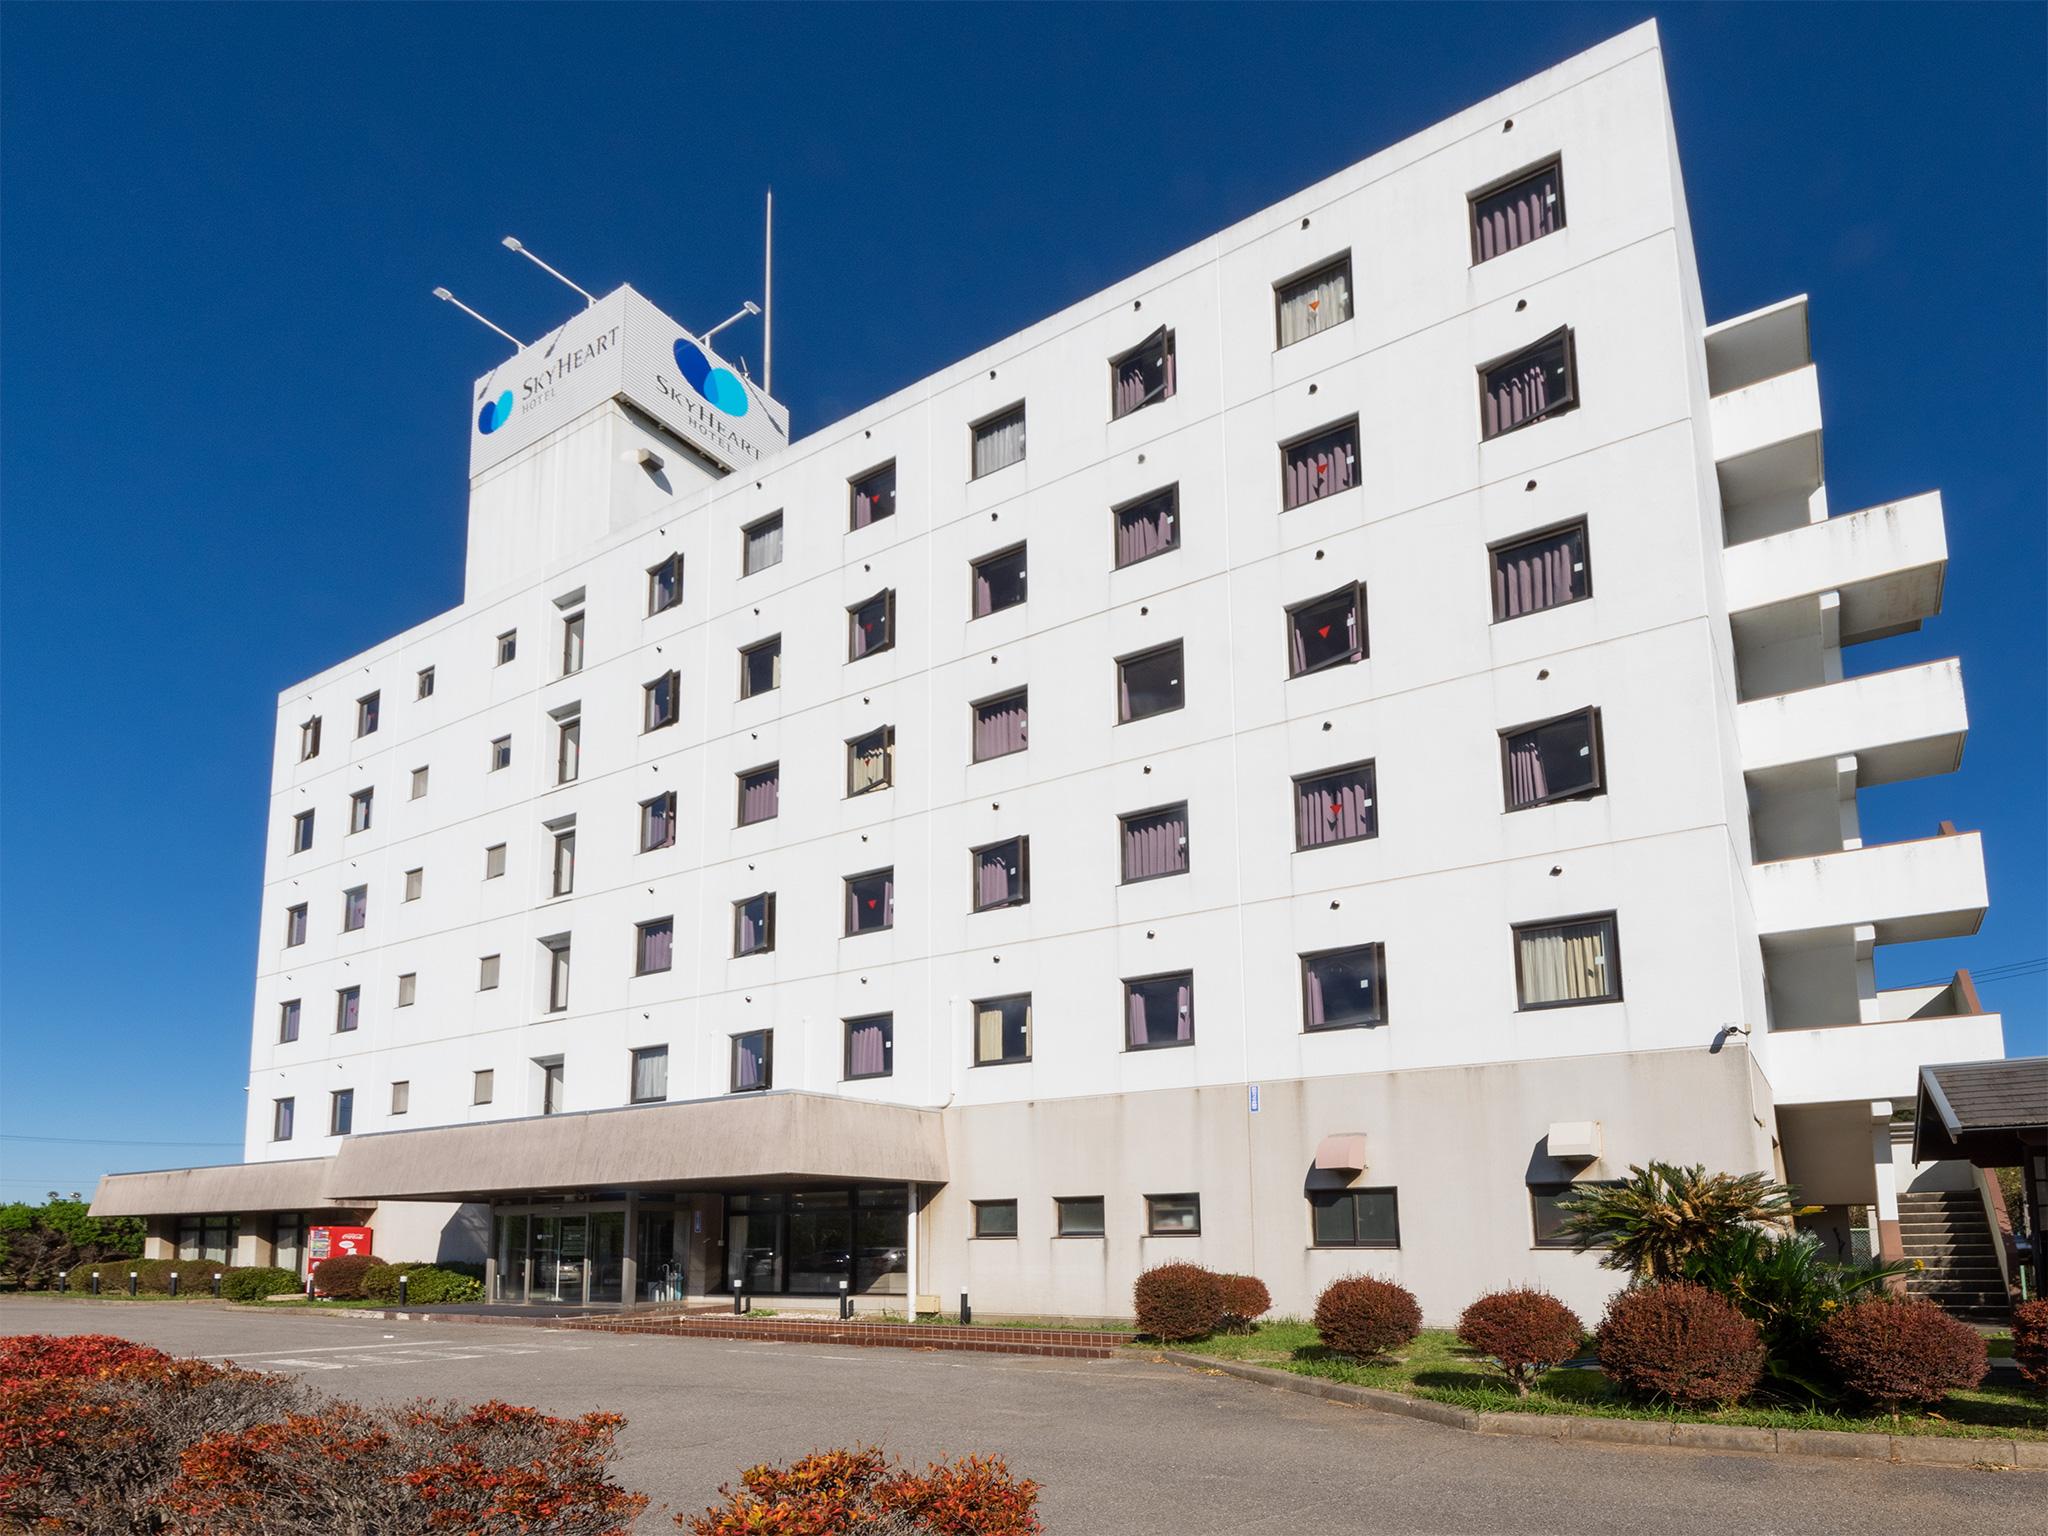 スカイハートホテル成田(旧:ホテルスカイコート成田)の施設画像